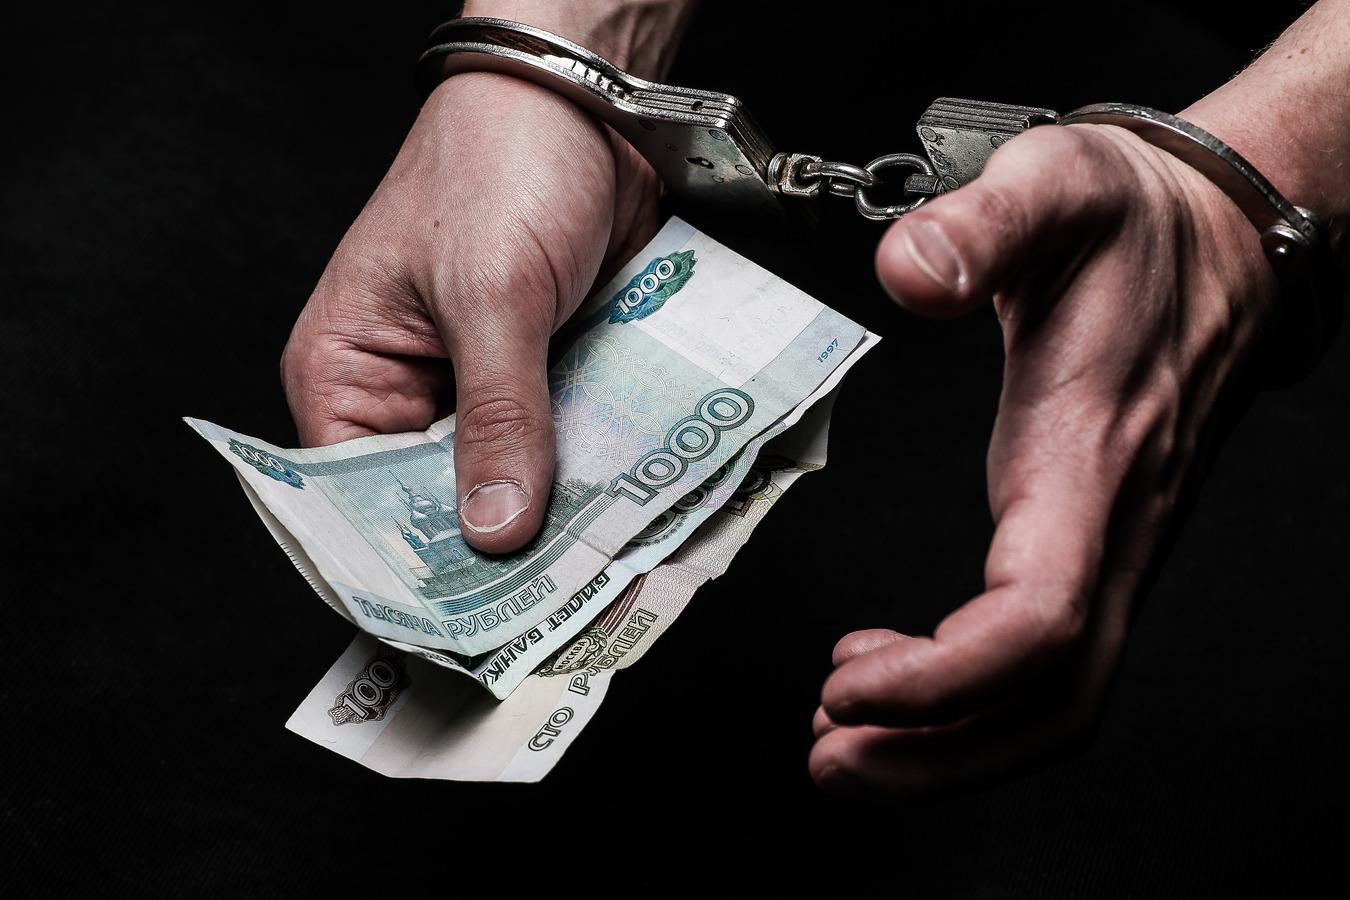 Госавтоинспекция Абинского района информирует об ответственности за склонение сотрудников ОГИБДД к совершению коррупционных правонарушений.